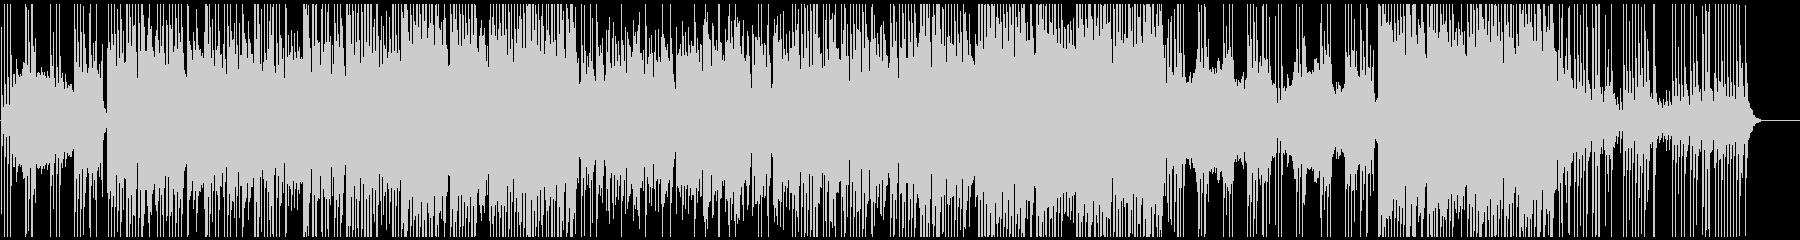 沖縄BGM 感動的三線ポップバラードの未再生の波形